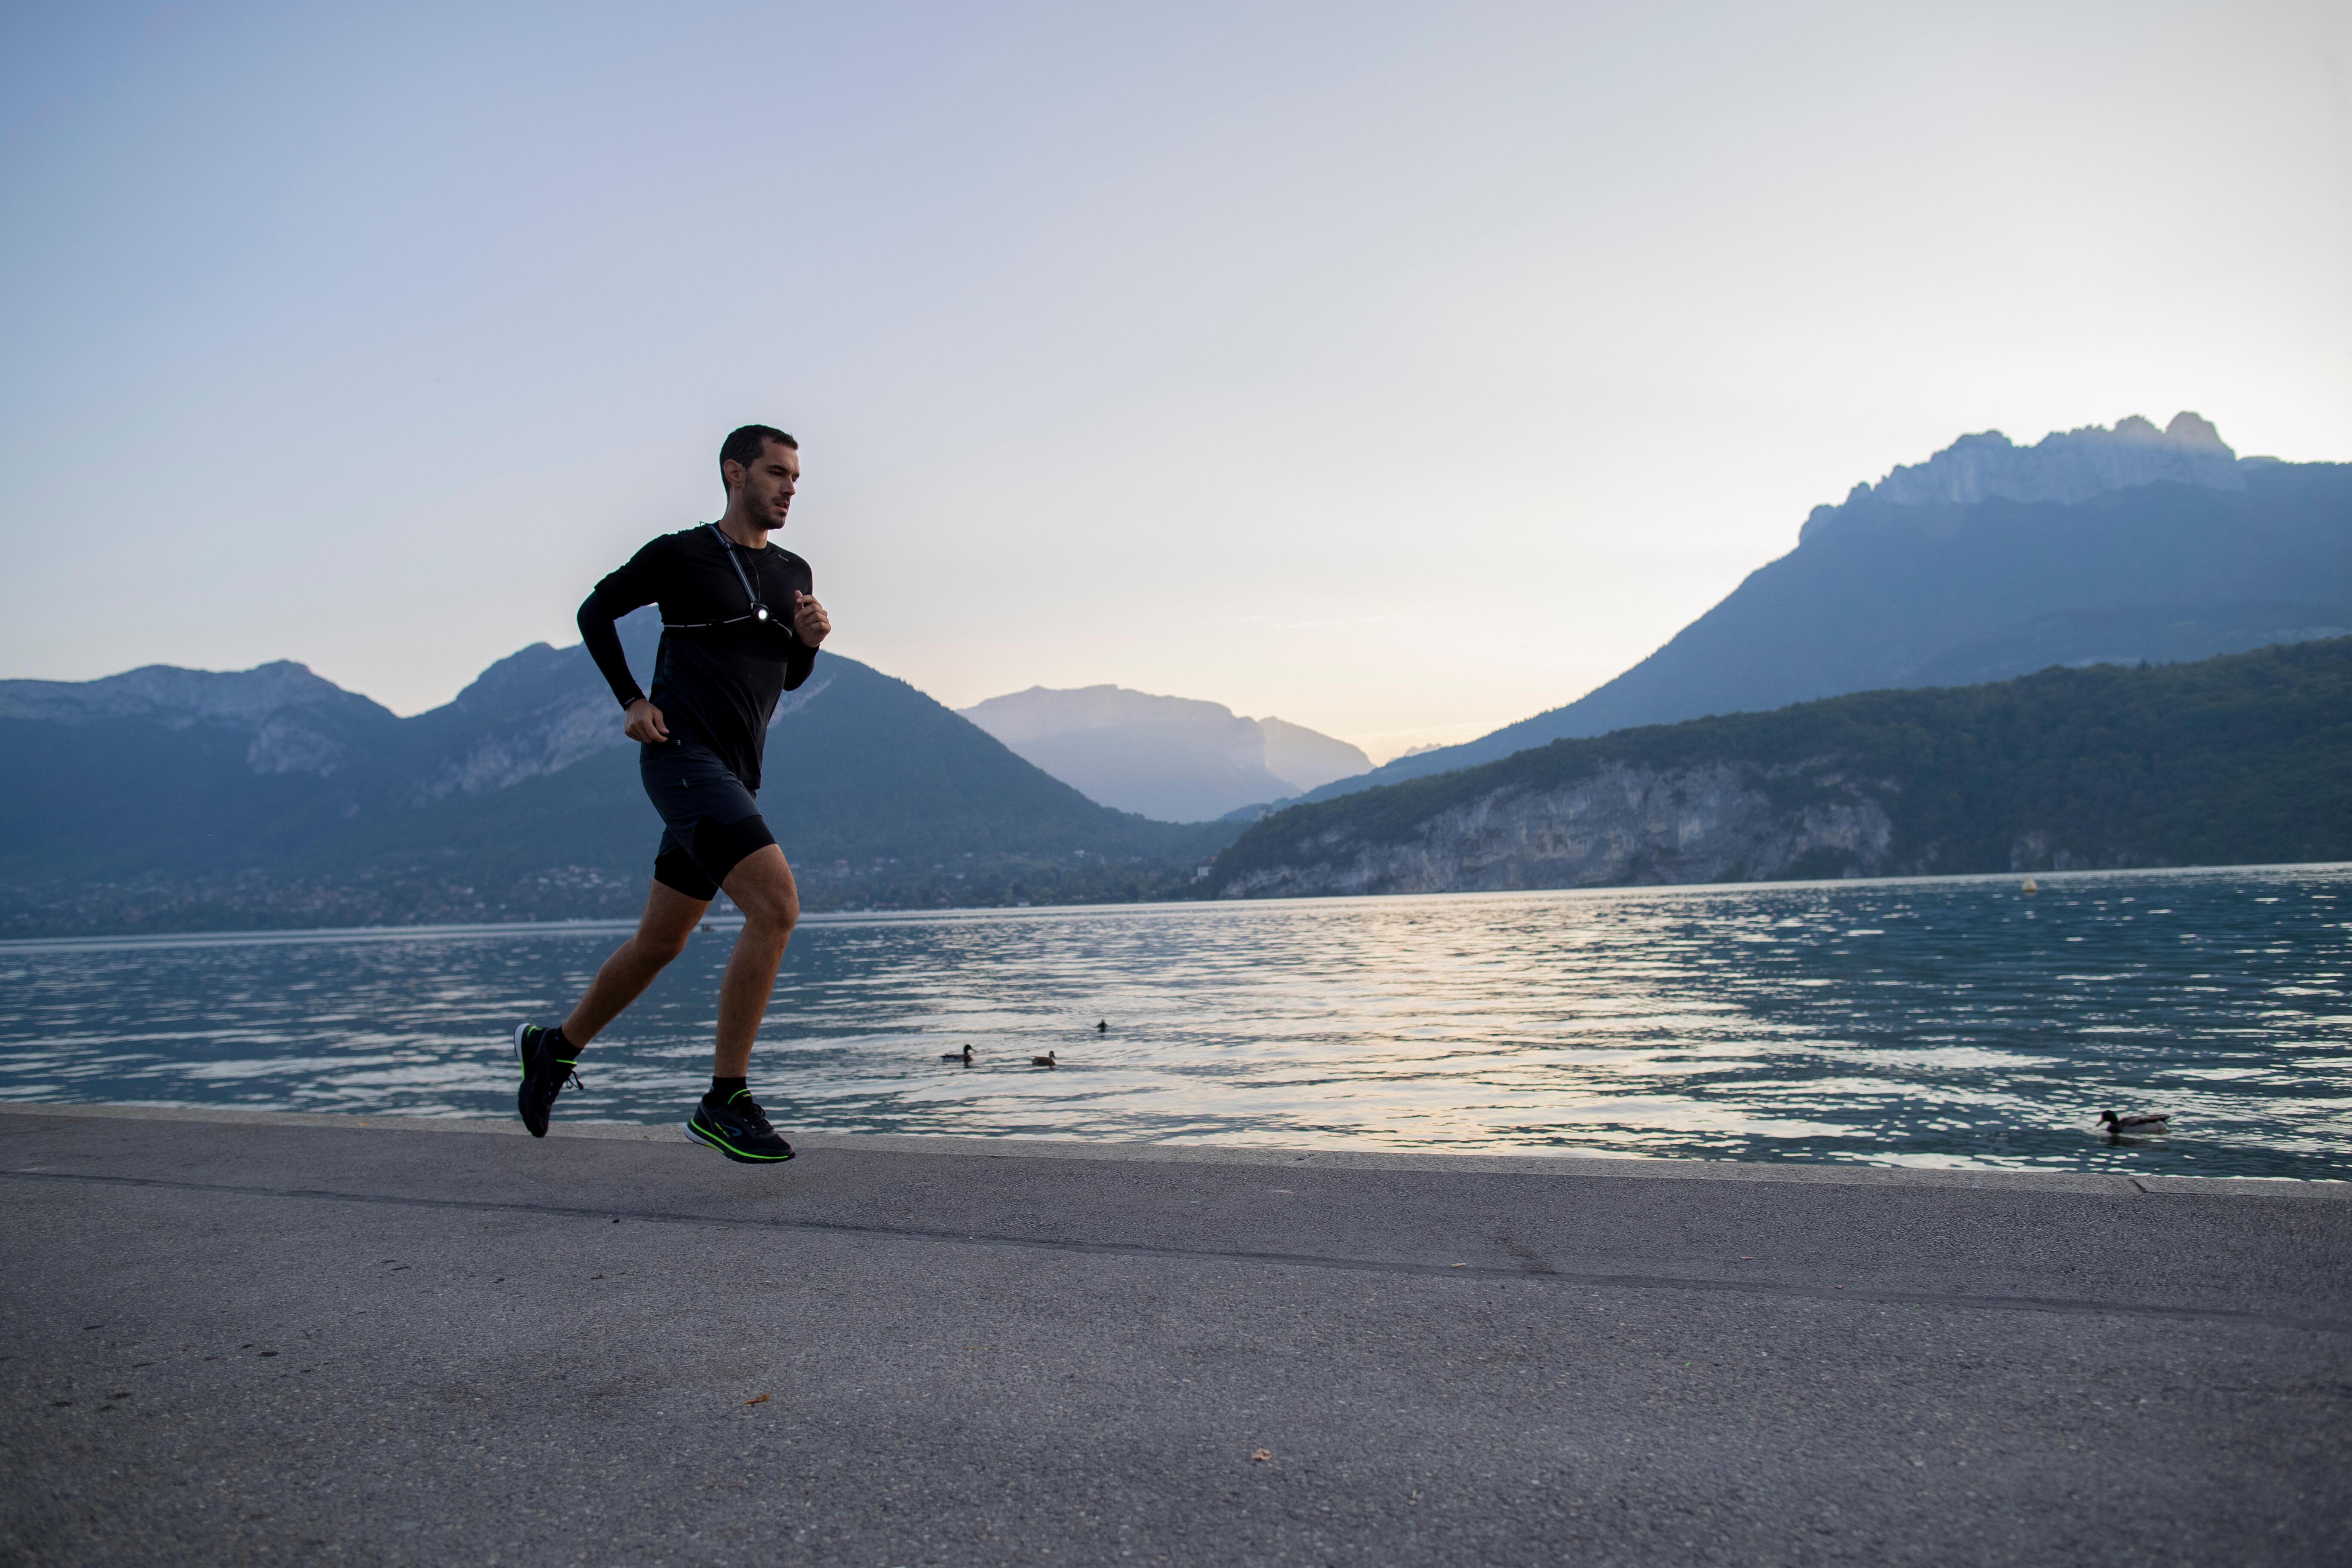 koşuda takip edilmesi gereken önemli metrikler